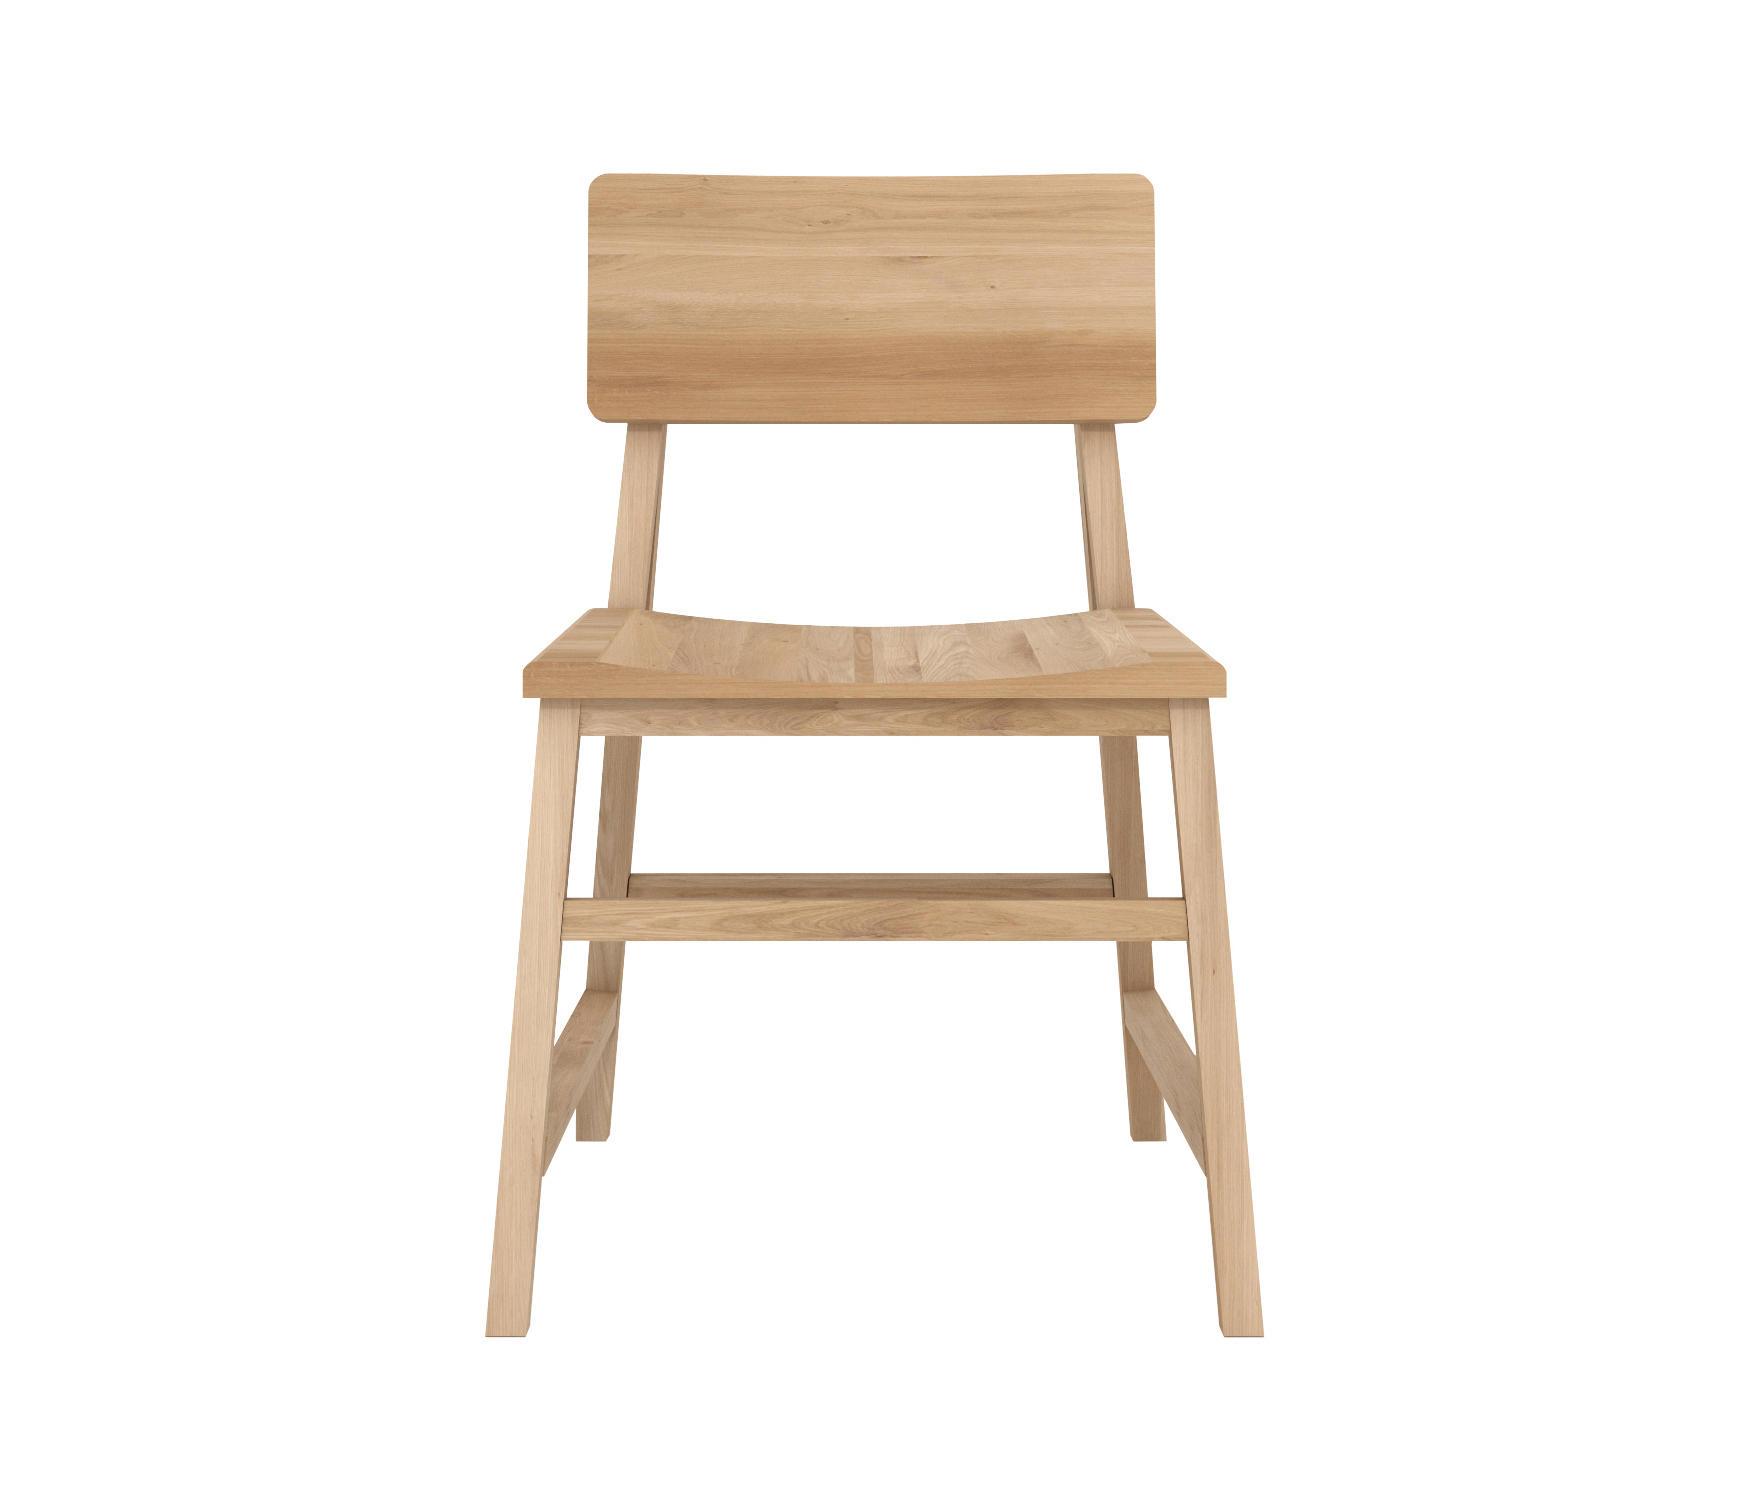 oak n1 chair chaises de restaurant de ethnicraft architonic. Black Bedroom Furniture Sets. Home Design Ideas